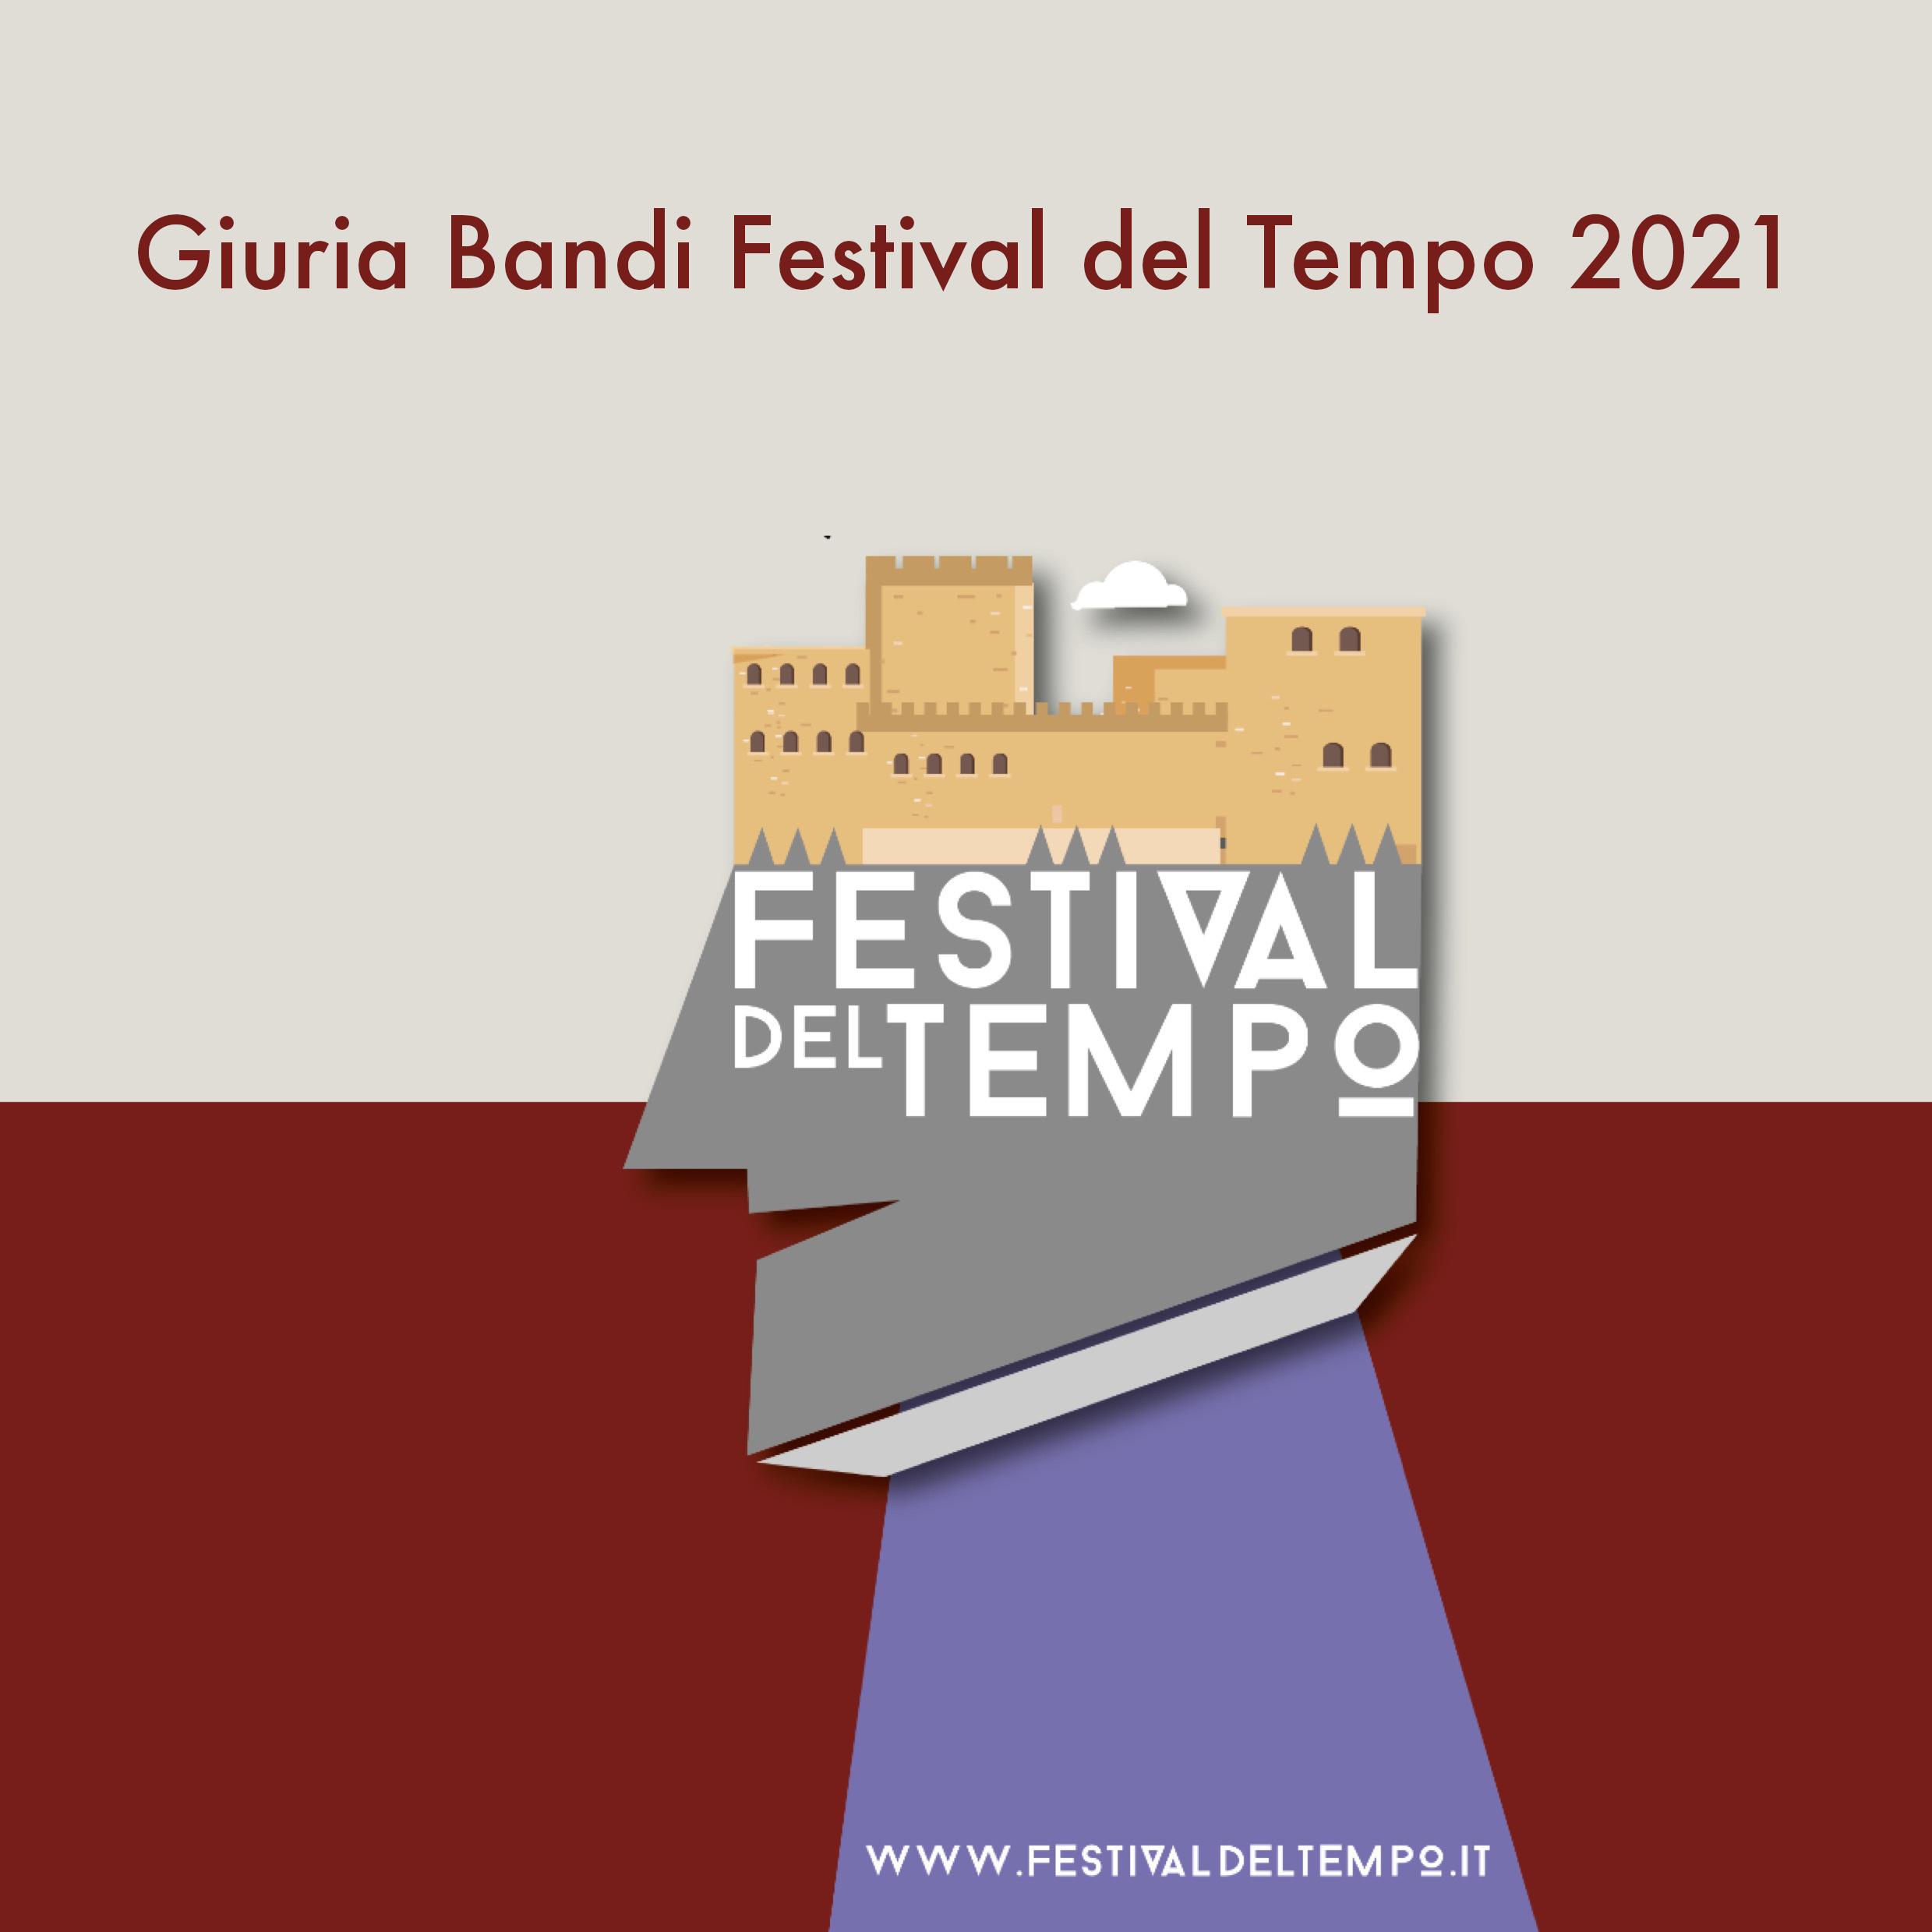 Giuria Bandi Festival del Tempo 2021